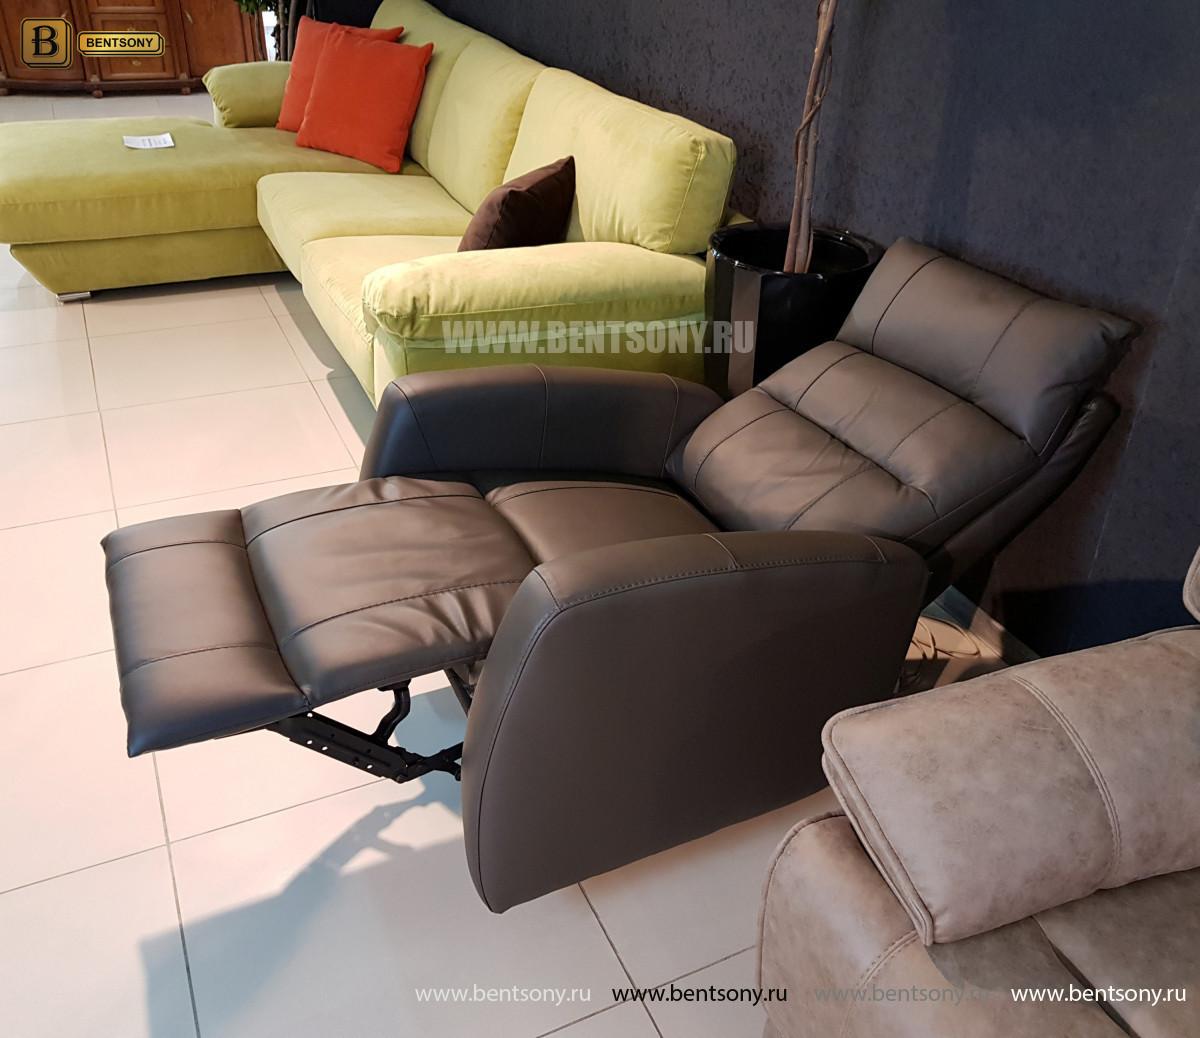 Кожаное Кресло Лаваль с электрореклайнером изображение